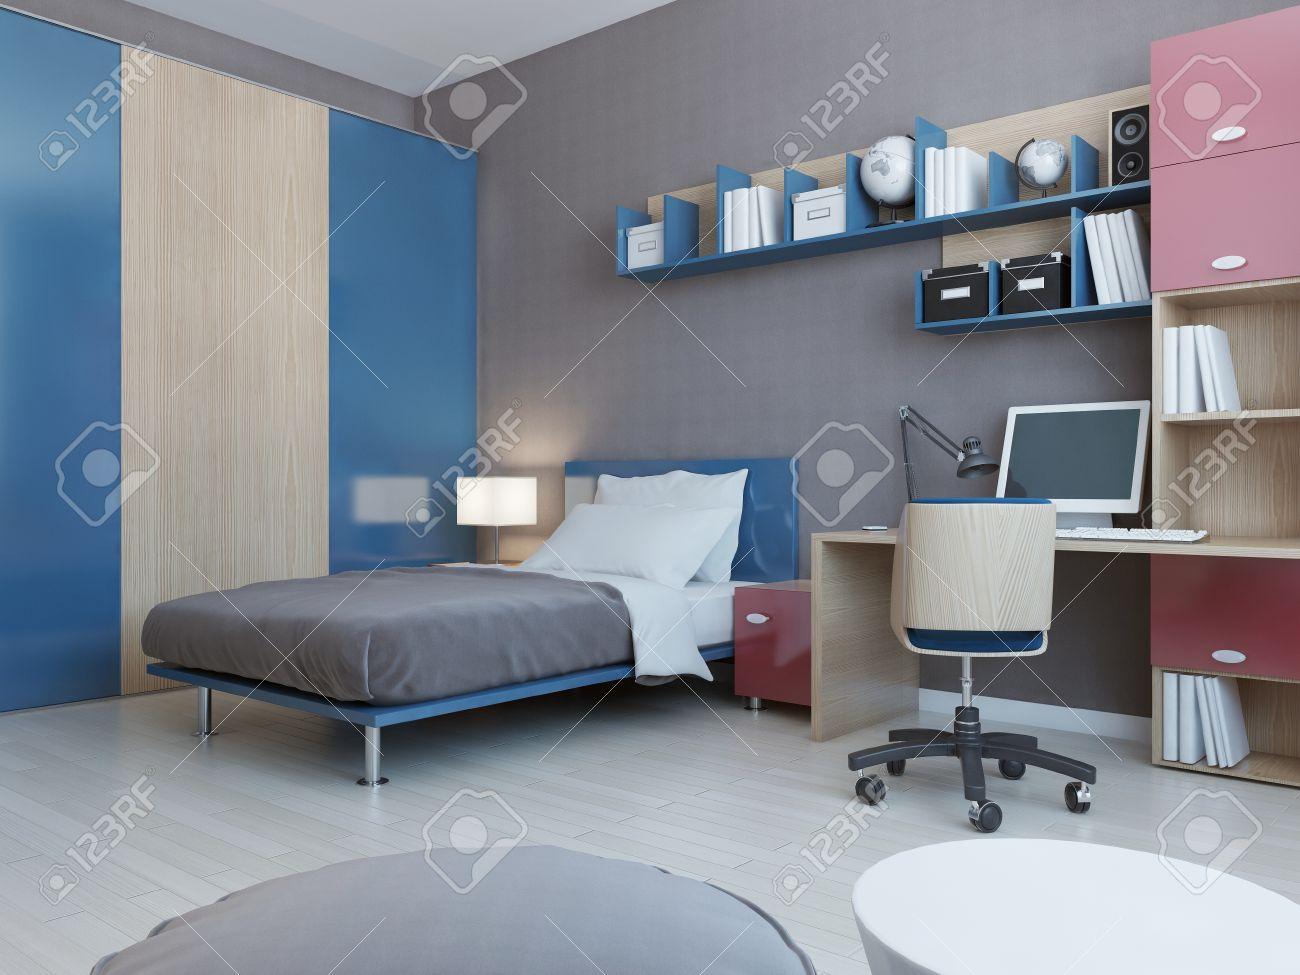 Slaapkamer muur royalty vrije foto's, plaatjes, beelden en stock ...